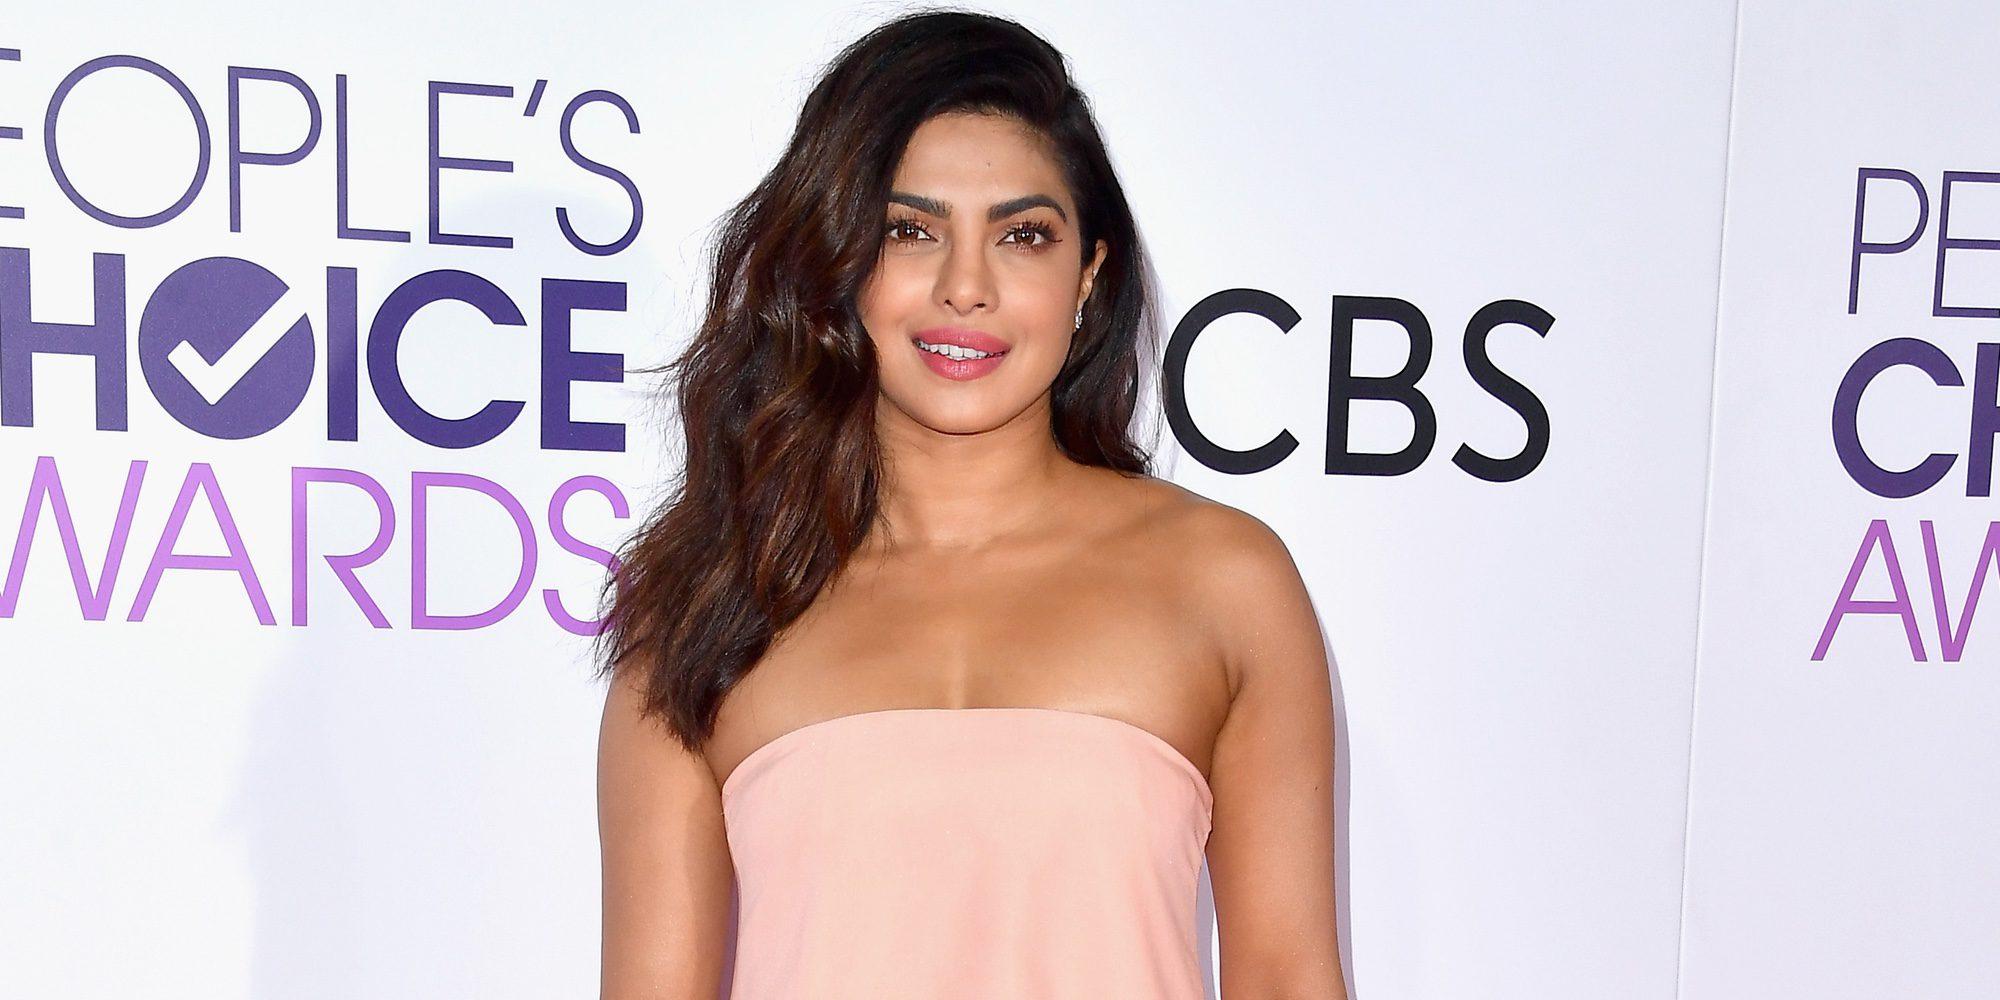 Priyanka Chopra reaparece en los People's Choice Awards 2017 tras su aparatoso accidente en 'Quantico'